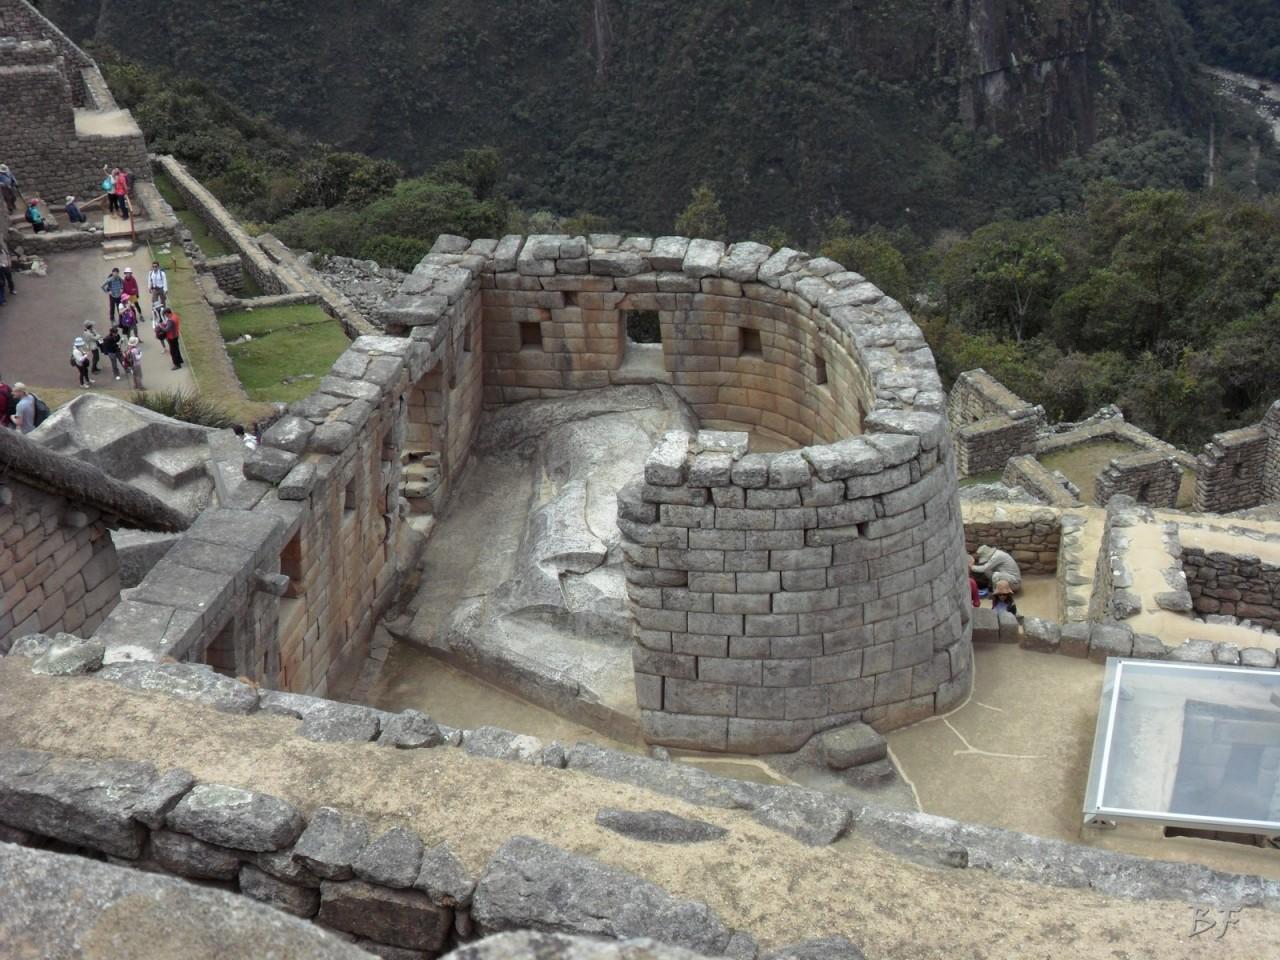 Mura-Poligonali-Incisioni-Altari-Edifici-Rupestri-Megaliti-Machu-Picchu-Aguas-Calientes-Urubamba-Cusco-Perù-97